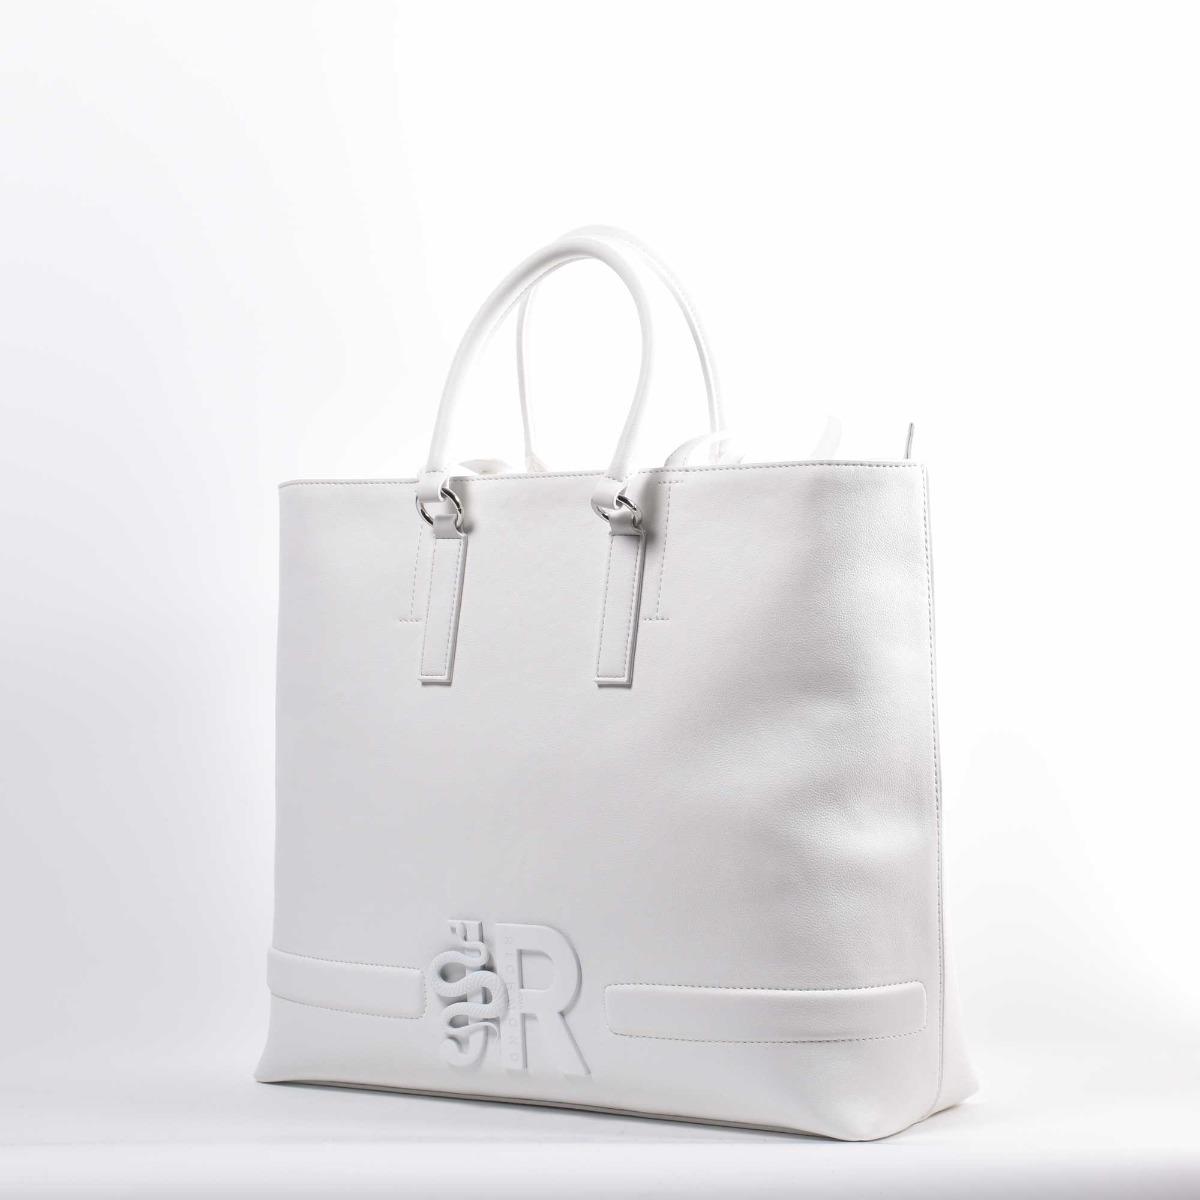 Shopping oremii - Bianco